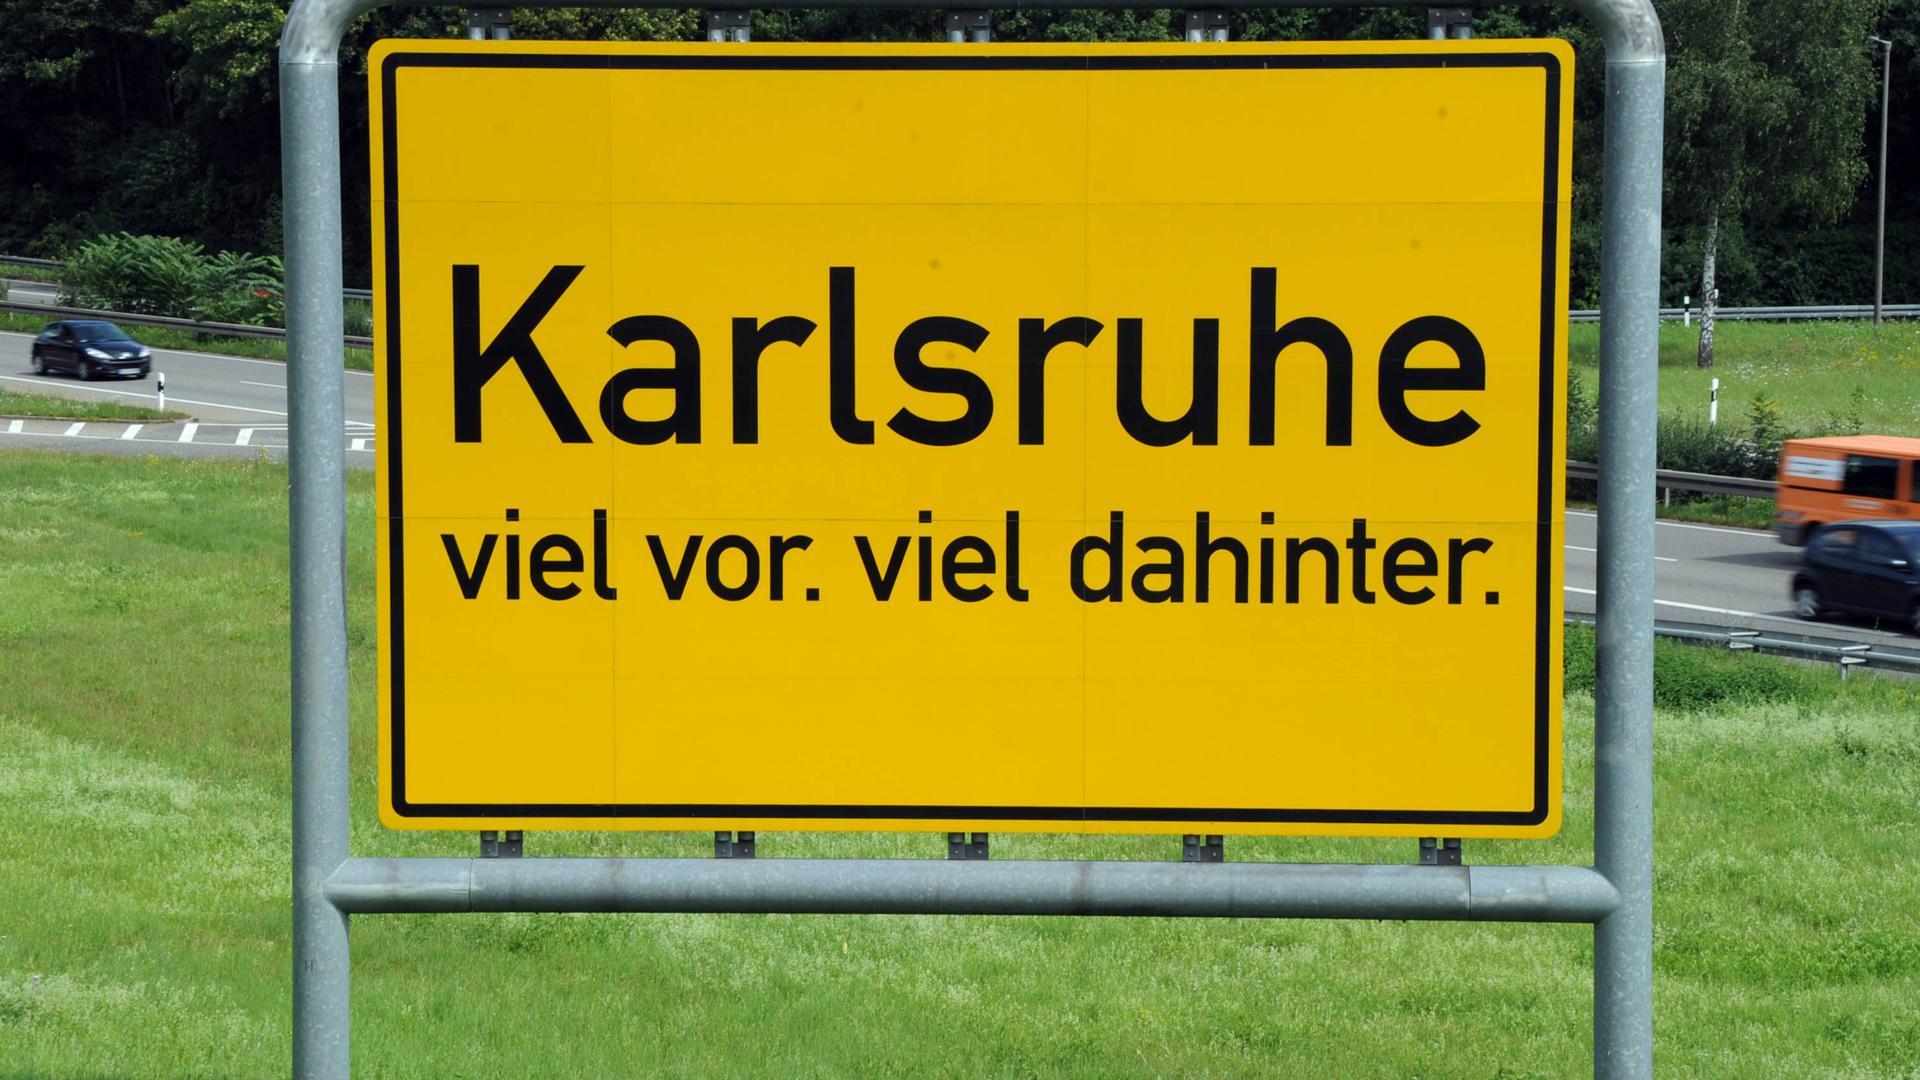 An der Karlsruher Südtangente steht ein überdimensionales Ortsschild auf dem der Karlsruher Werbeslogan steht «Karlsruhe viel vor. viel dahinter.»